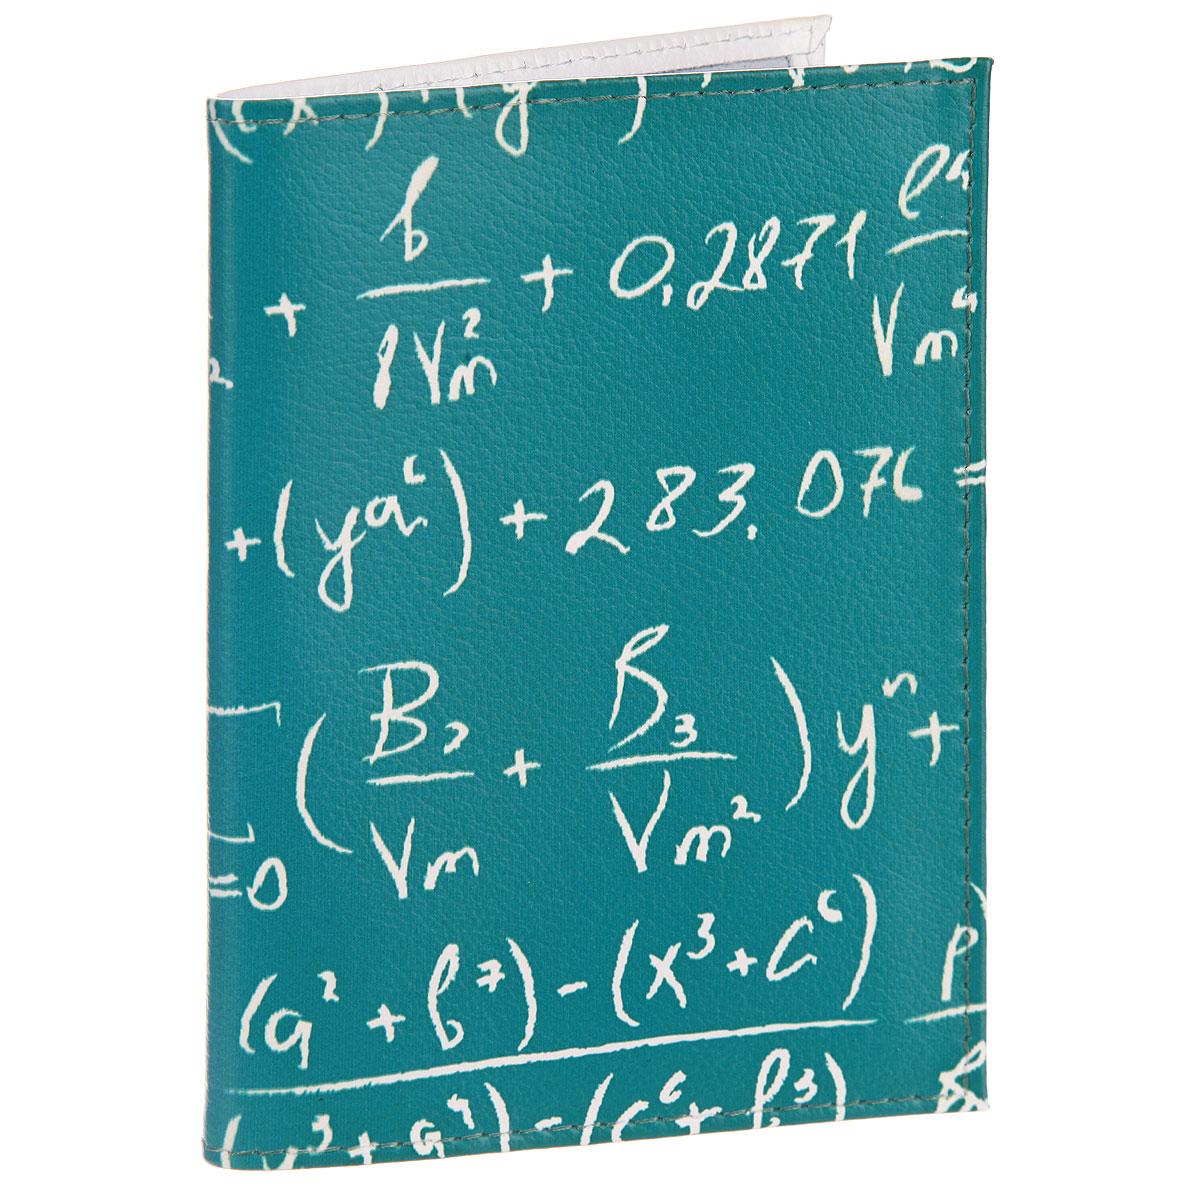 Обложка для автодокументов Школьная доска. AUTO3683334-A/Black-Light YellowСтильная обложка для автодокументов Mitya Veselkov Школьная доска выполнена из натуральной кожи с зернистой текстурой. Обложка оформлена художественной печатью с изображением математических формул. Внутри размещен пластиковый вкладыш с шестью карманами для документов, среди которых карман формата А5.Стильная обложка для автодокументовMitya Veselkov Мальчик, Луна и Грузовик не только поможет сохранить внешний вид ваших документов и защитит их от повреждений, но и станет стильным аксессуаром, идеально подходящим к вашему образу.